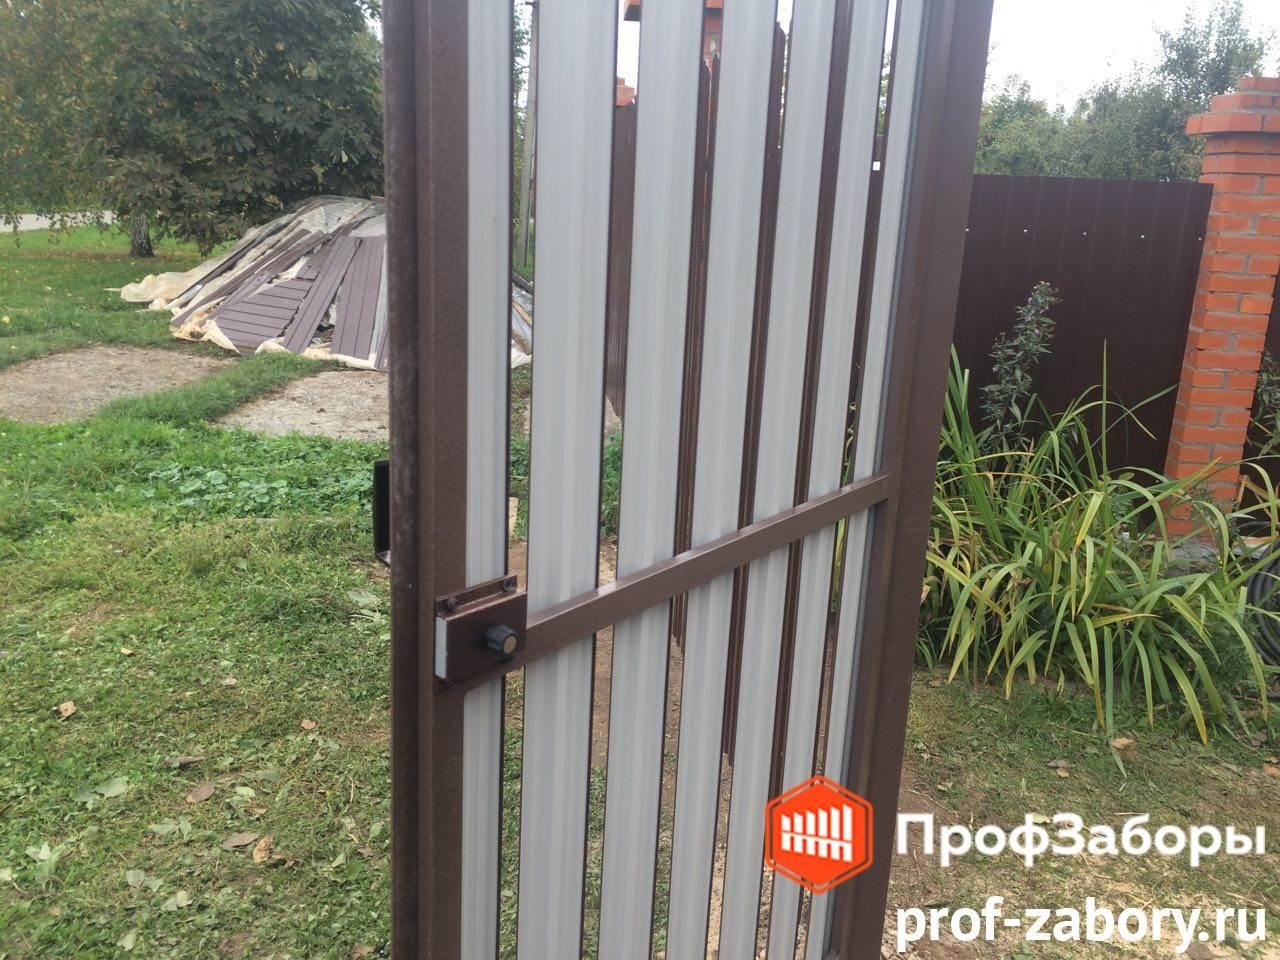 Заборы Из евроштакетника - Городской округ Подольск. Фото 3